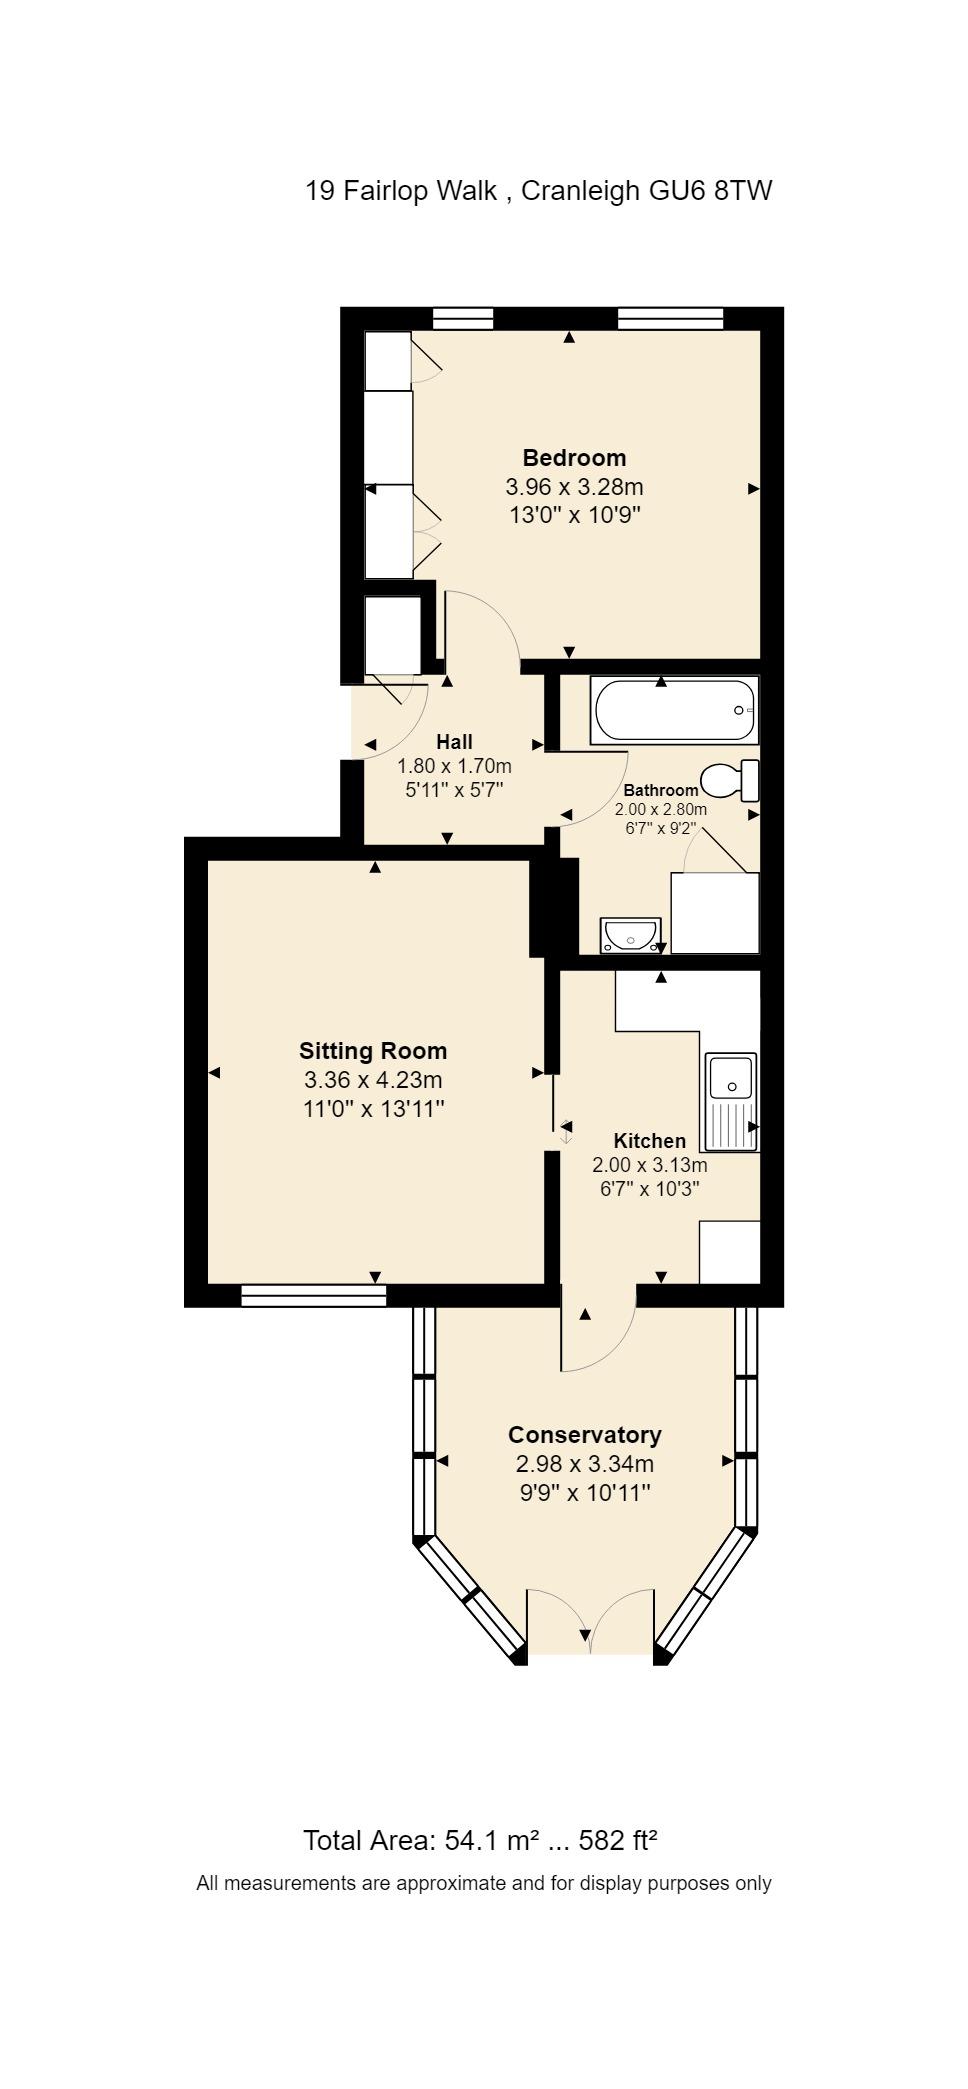 19 Fairlop Walk Floorplan